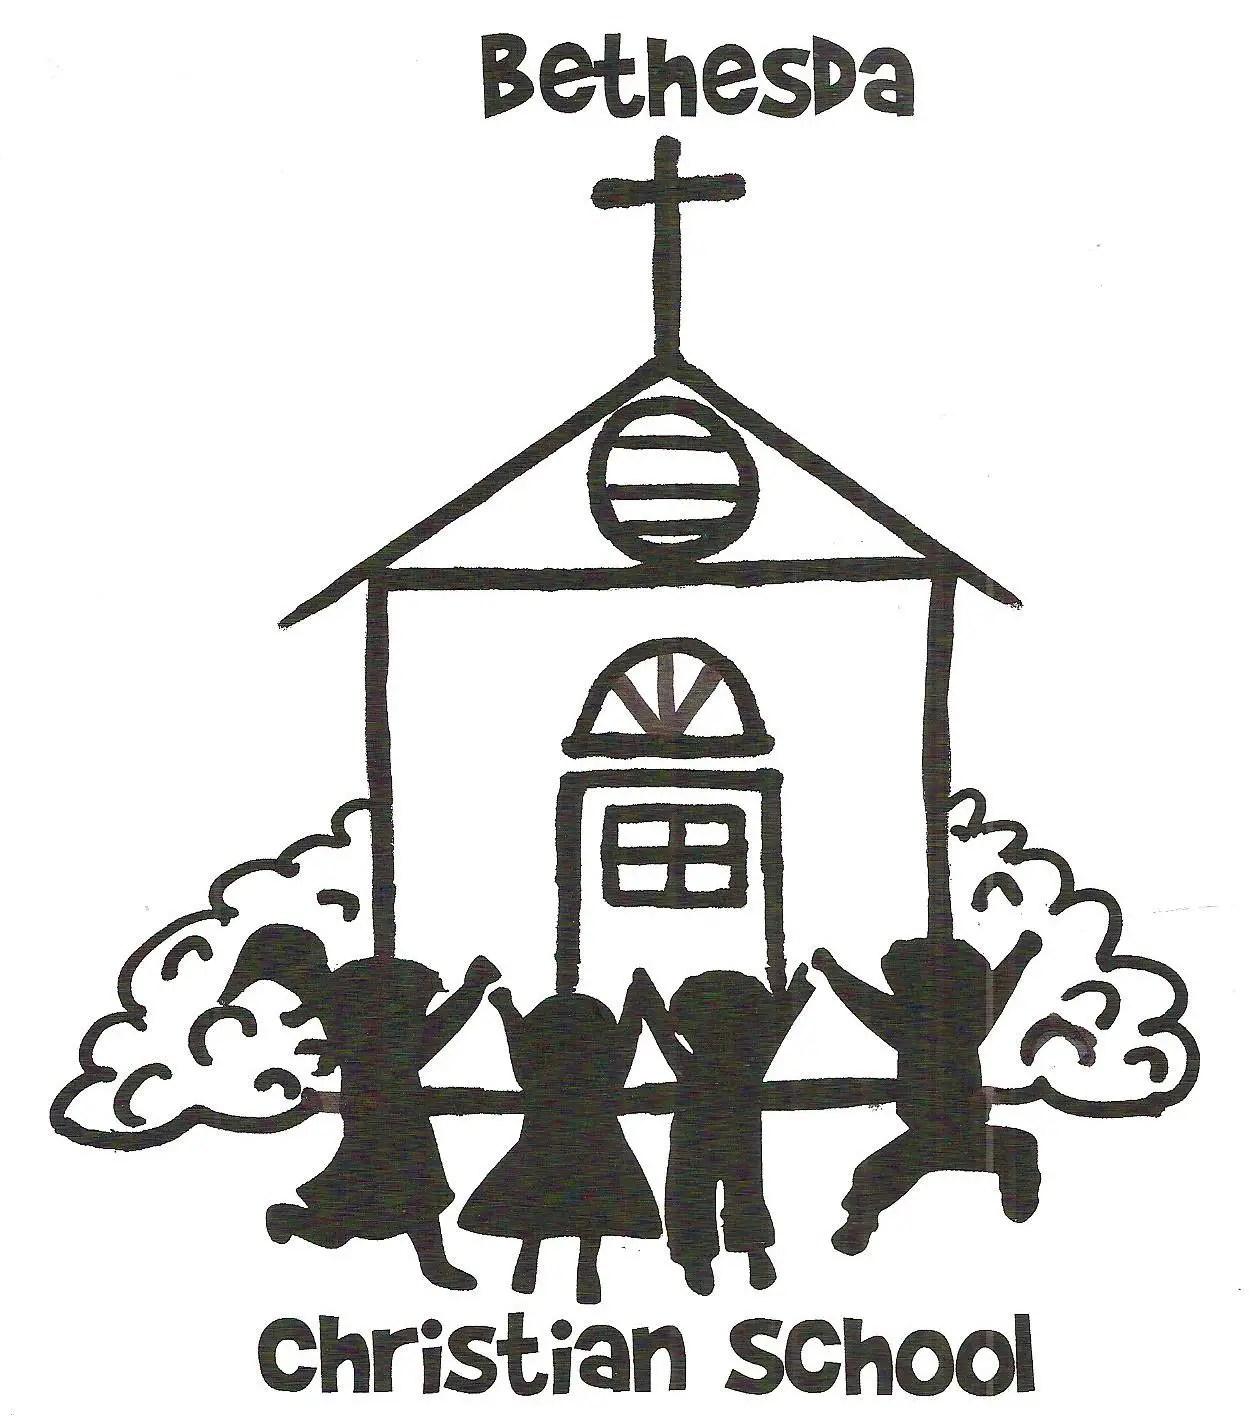 South Carolina Child Care Centers